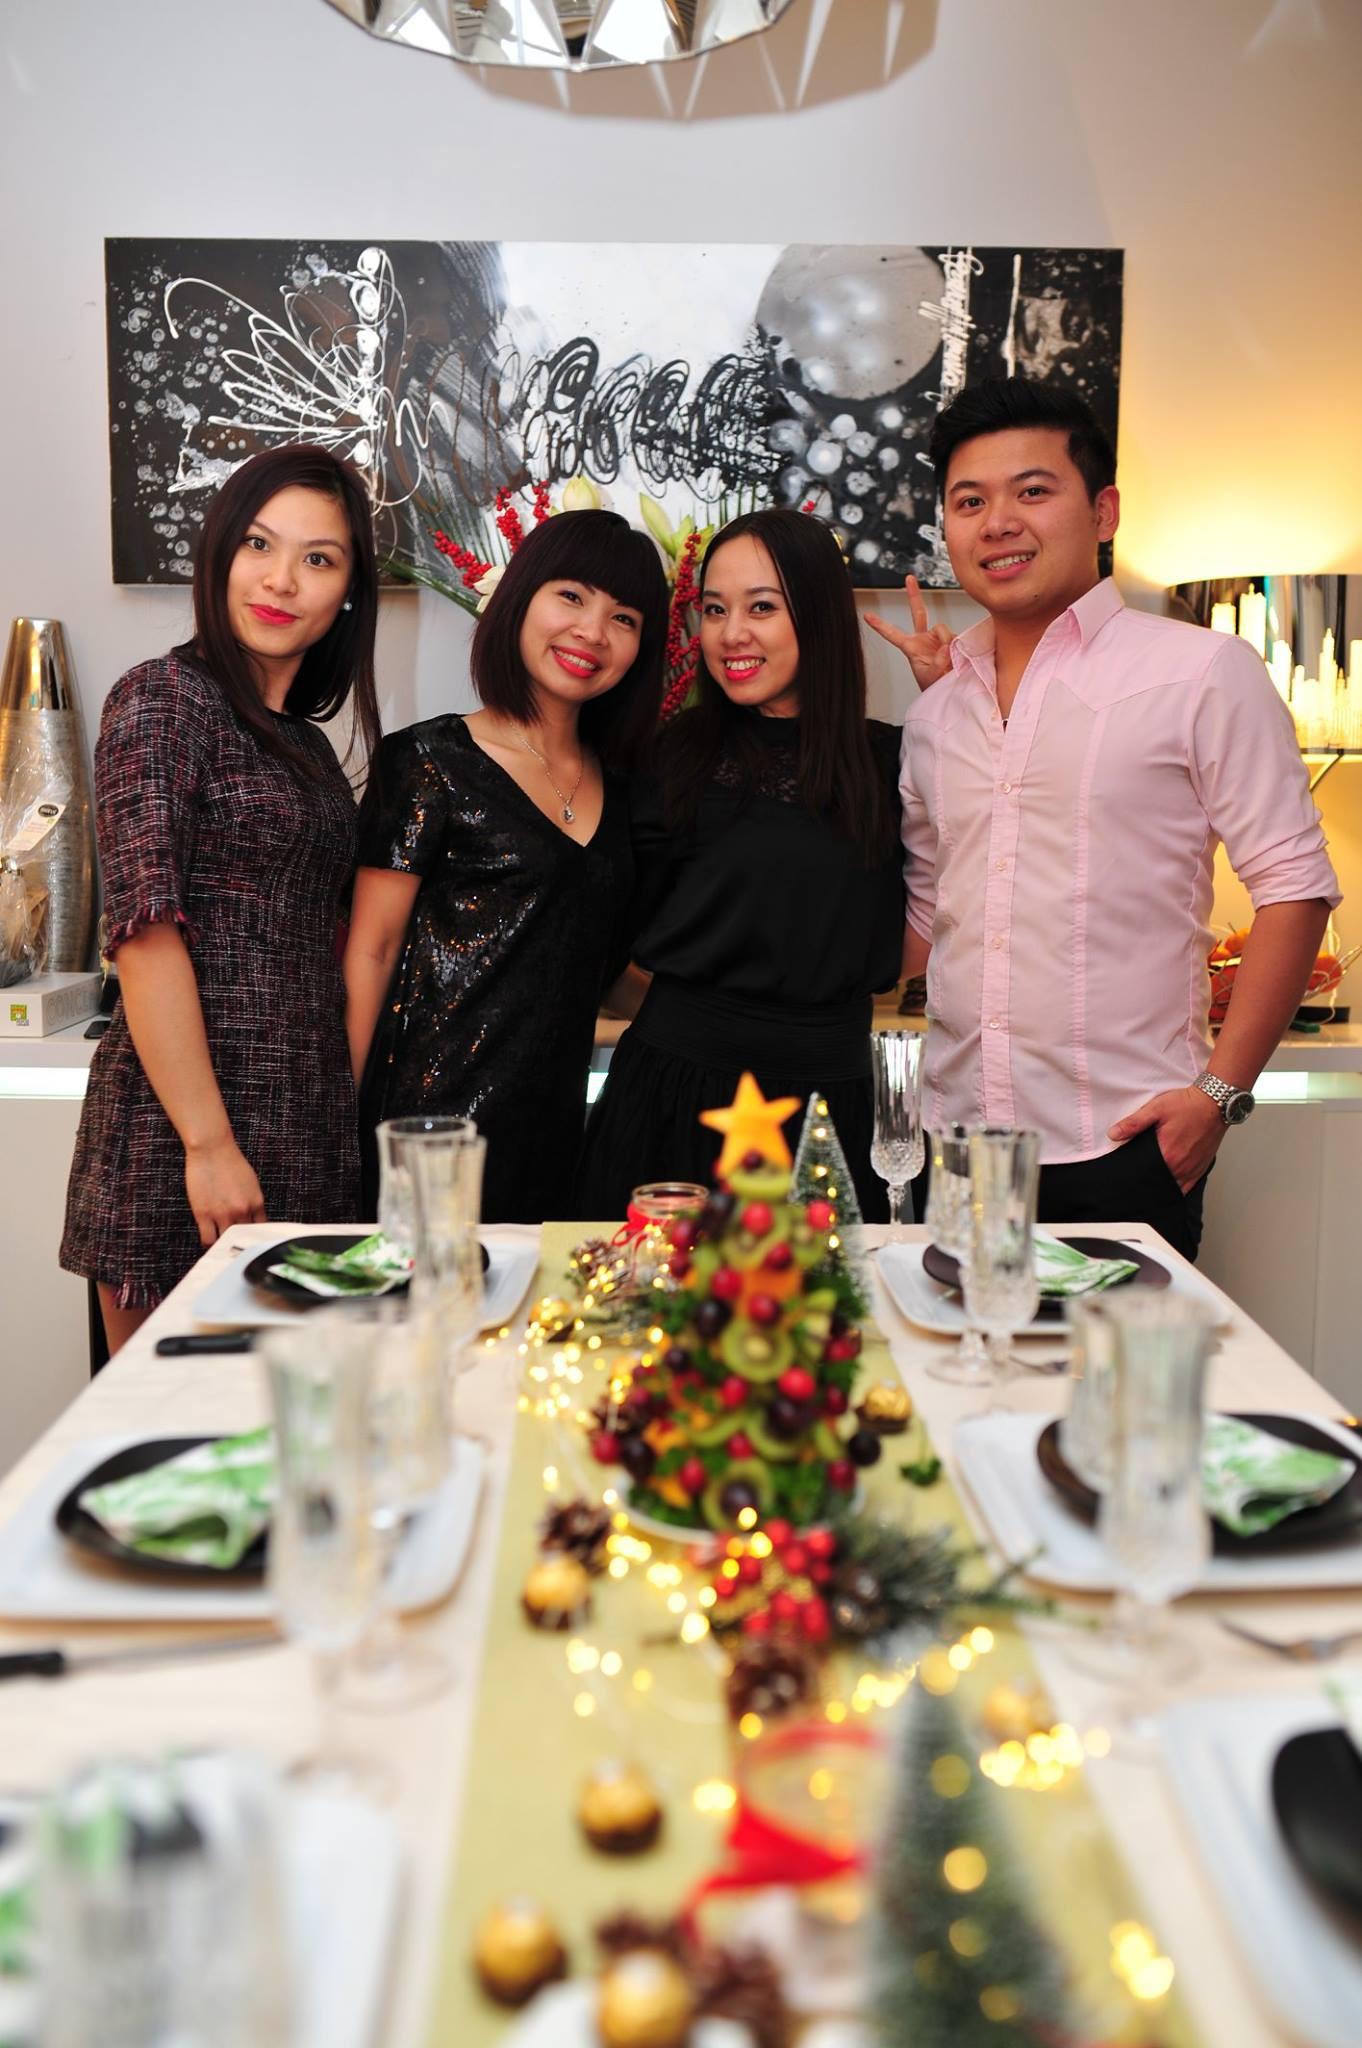 Du học sinh Việt hòa mình vào không khí chào năm mới khắp thế giới - Ảnh 12.